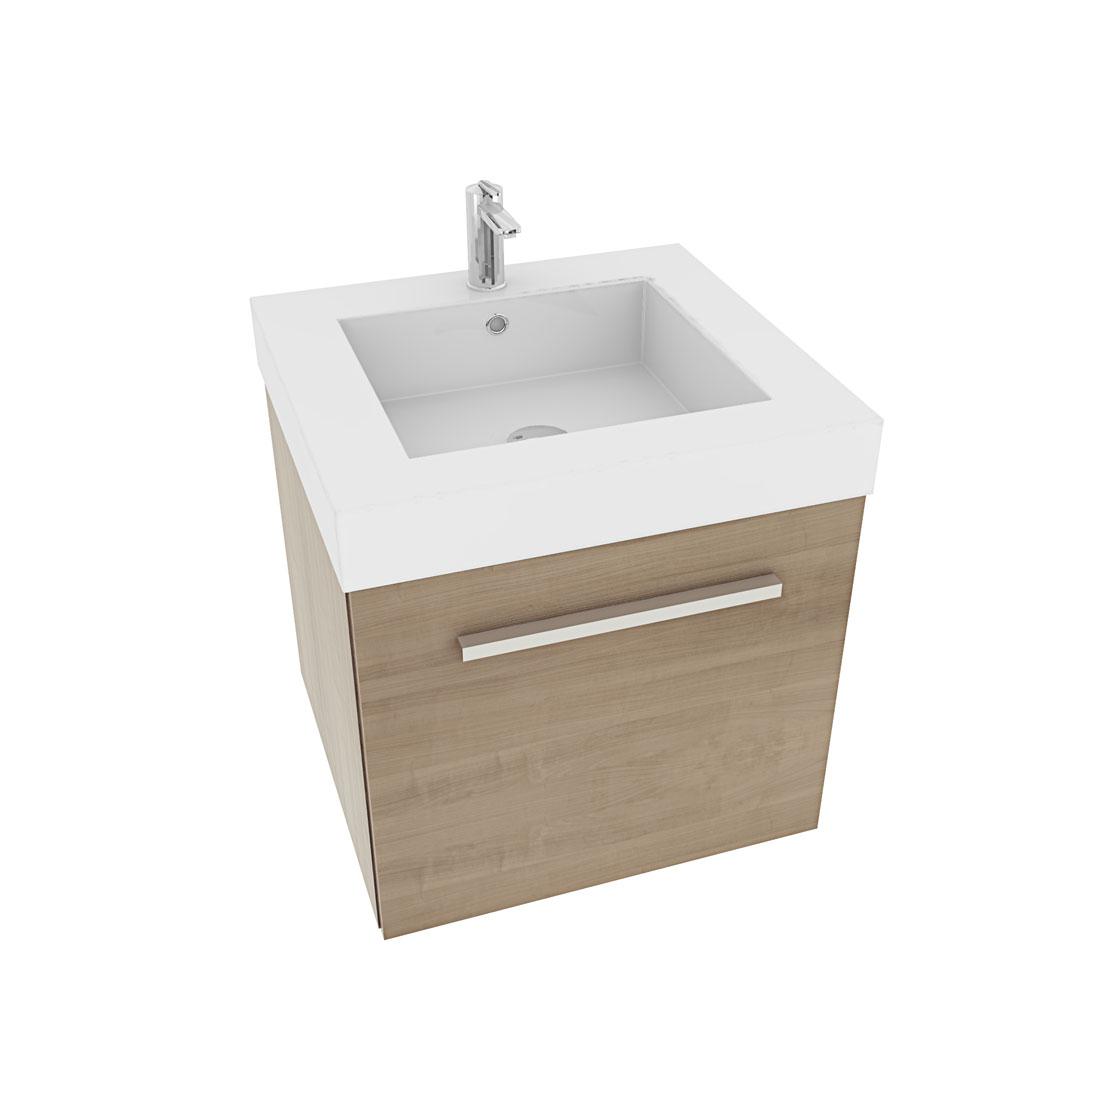 waschtisch mit waschbecken unterschrank city 100 50cm eiche hell. Black Bedroom Furniture Sets. Home Design Ideas